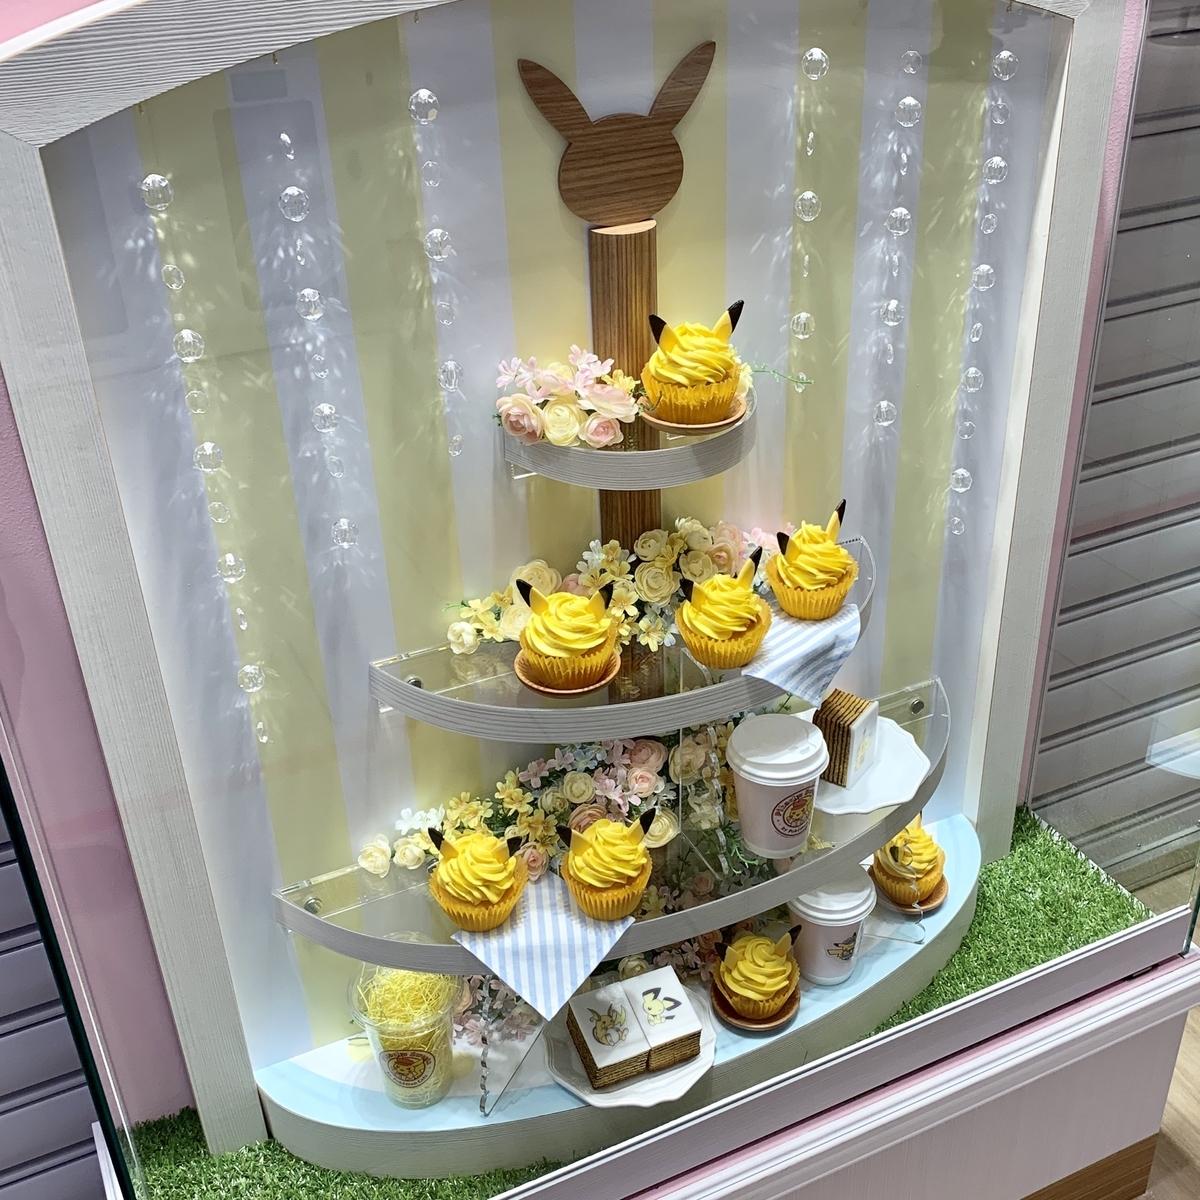 f:id:pikachu_pcn:20191218193448j:plain